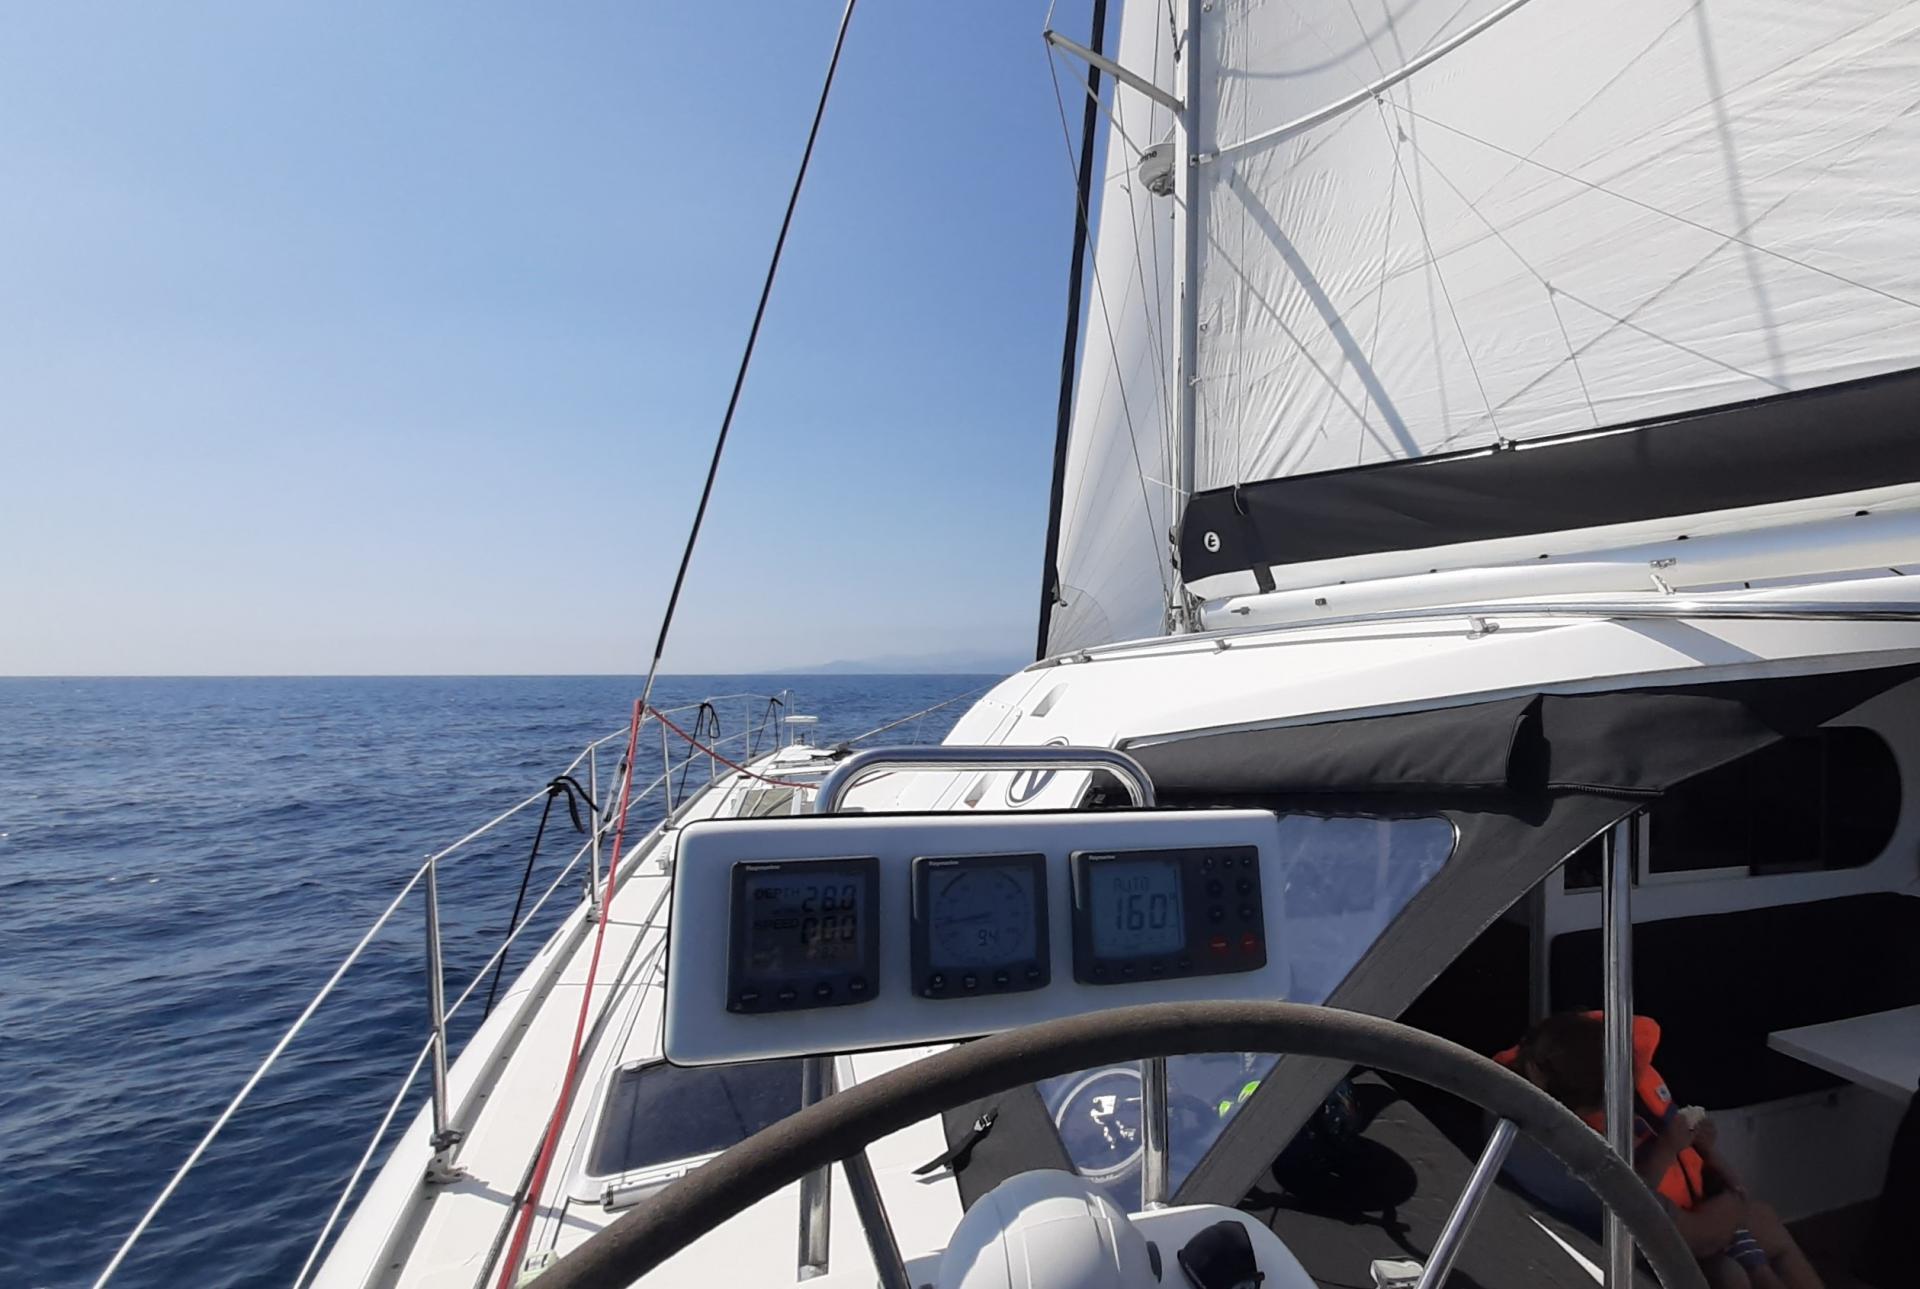 Sea trial hiva oa